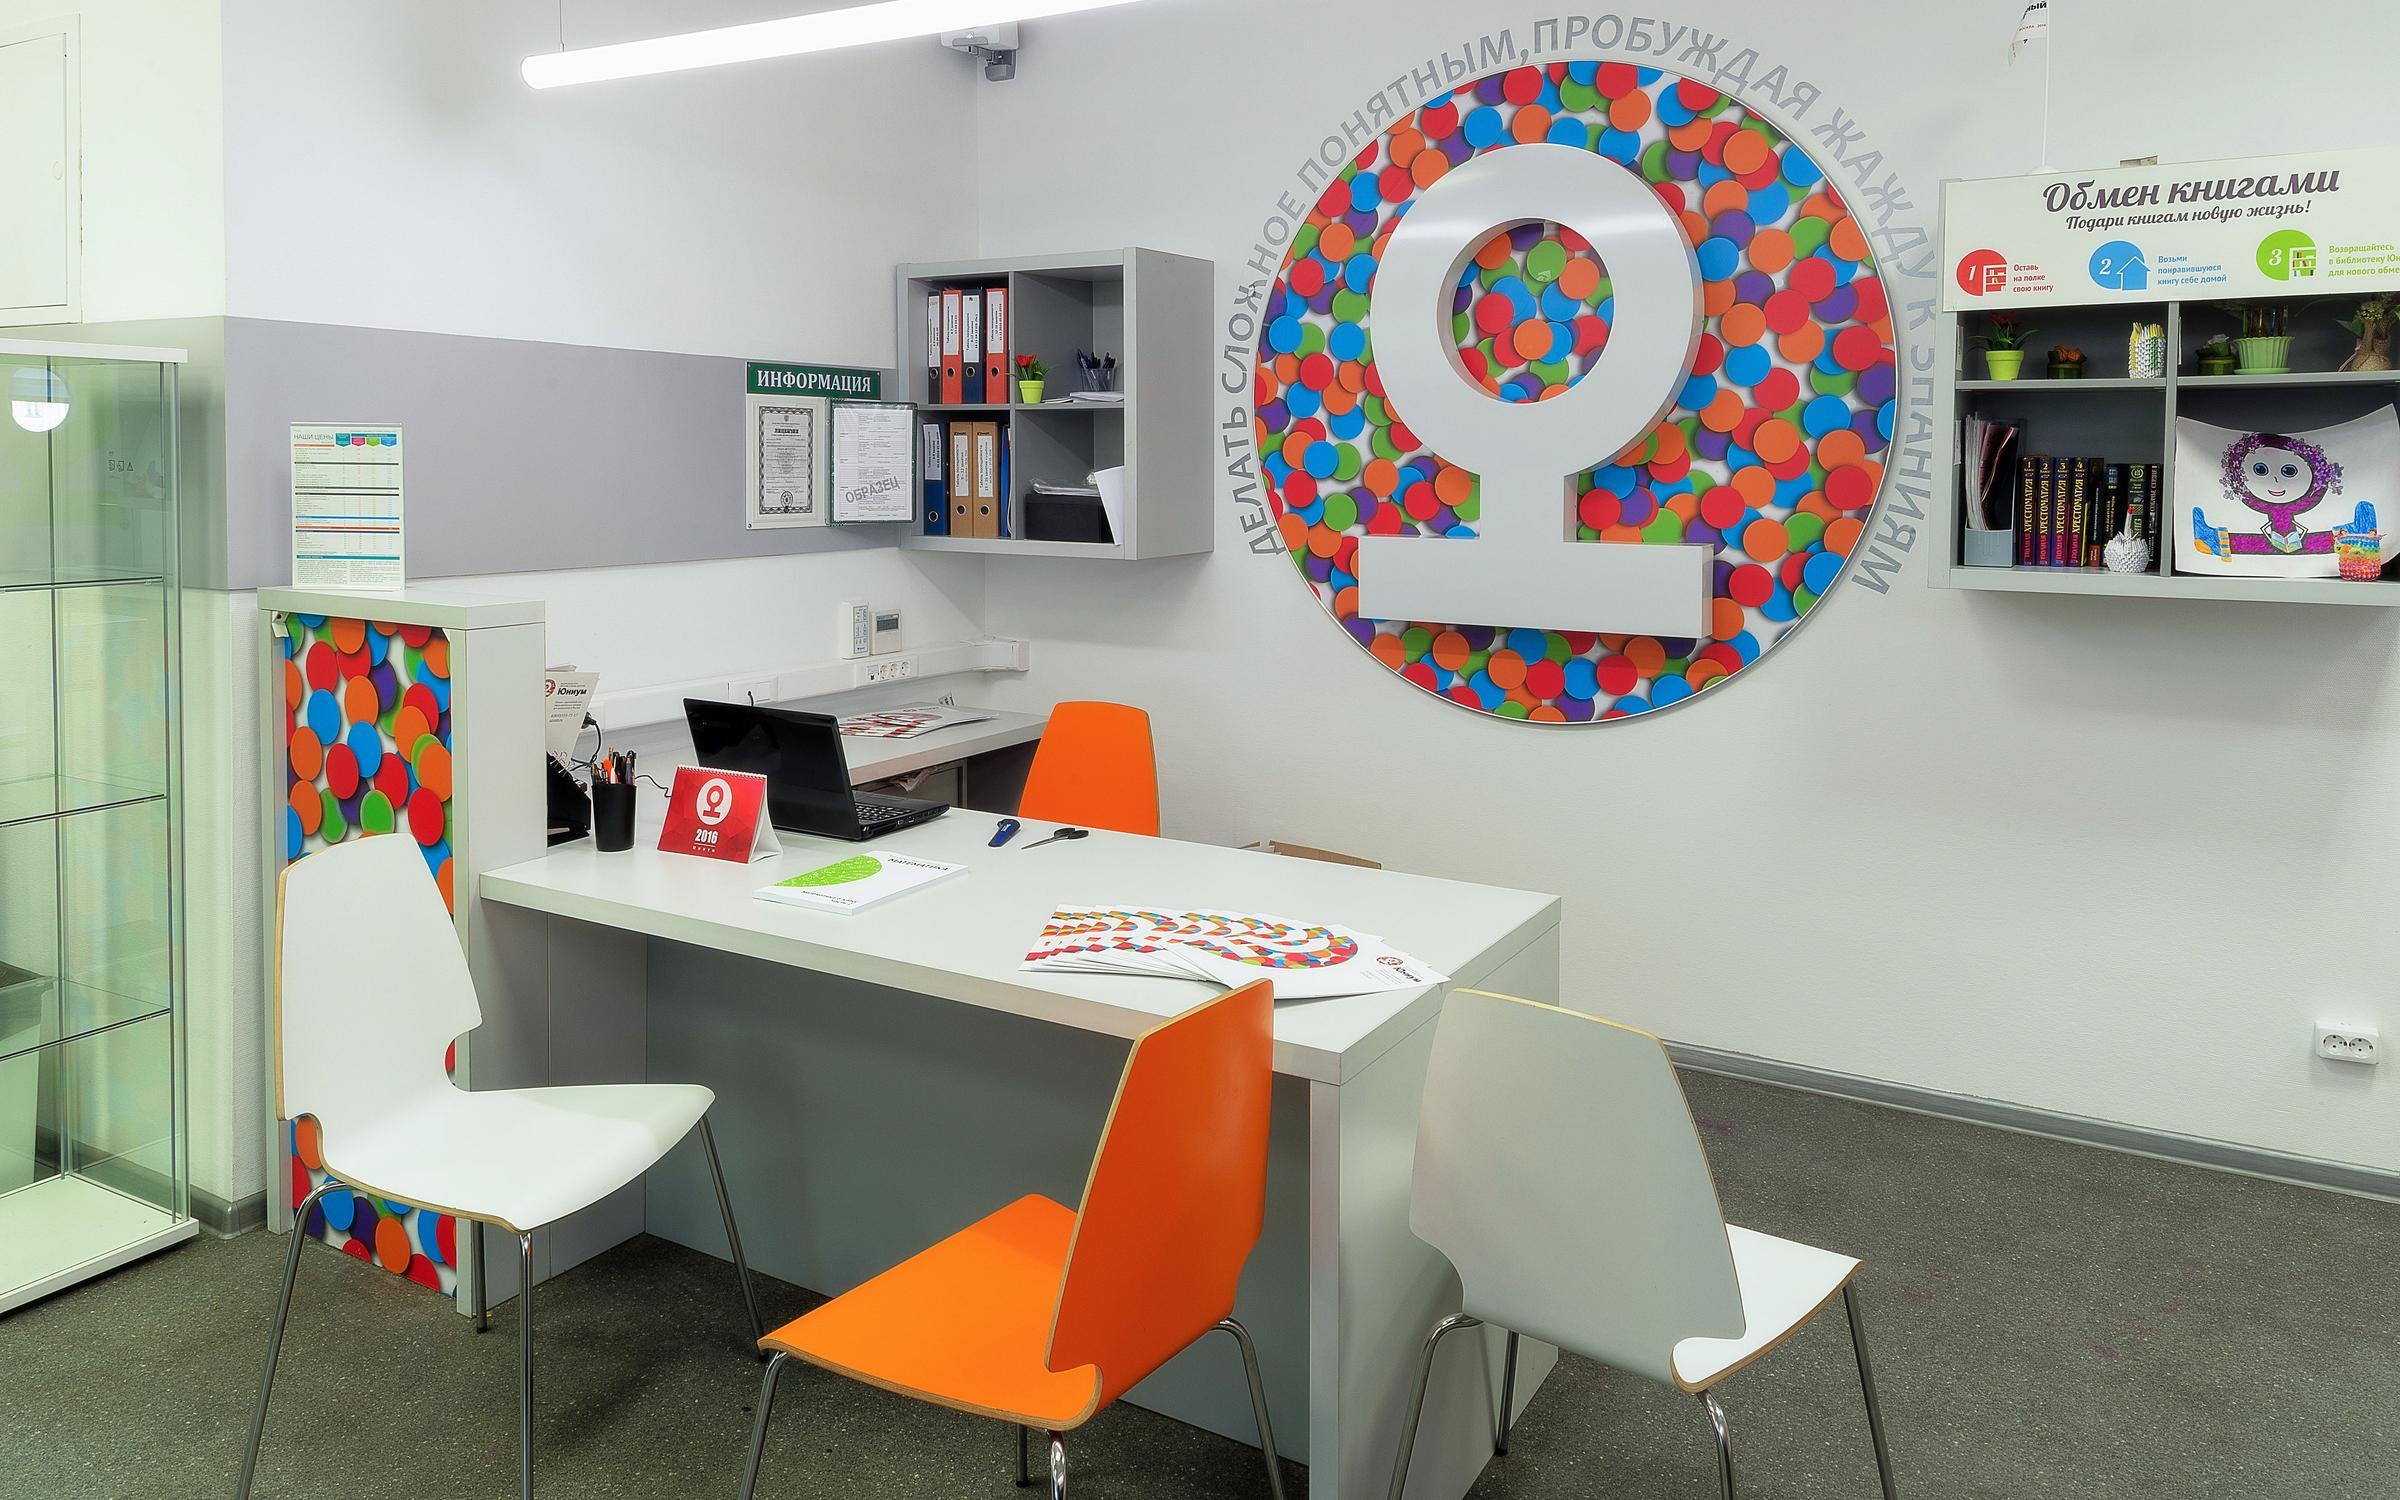 фотография Сеть образовательных центров Юниум на метро Выхино